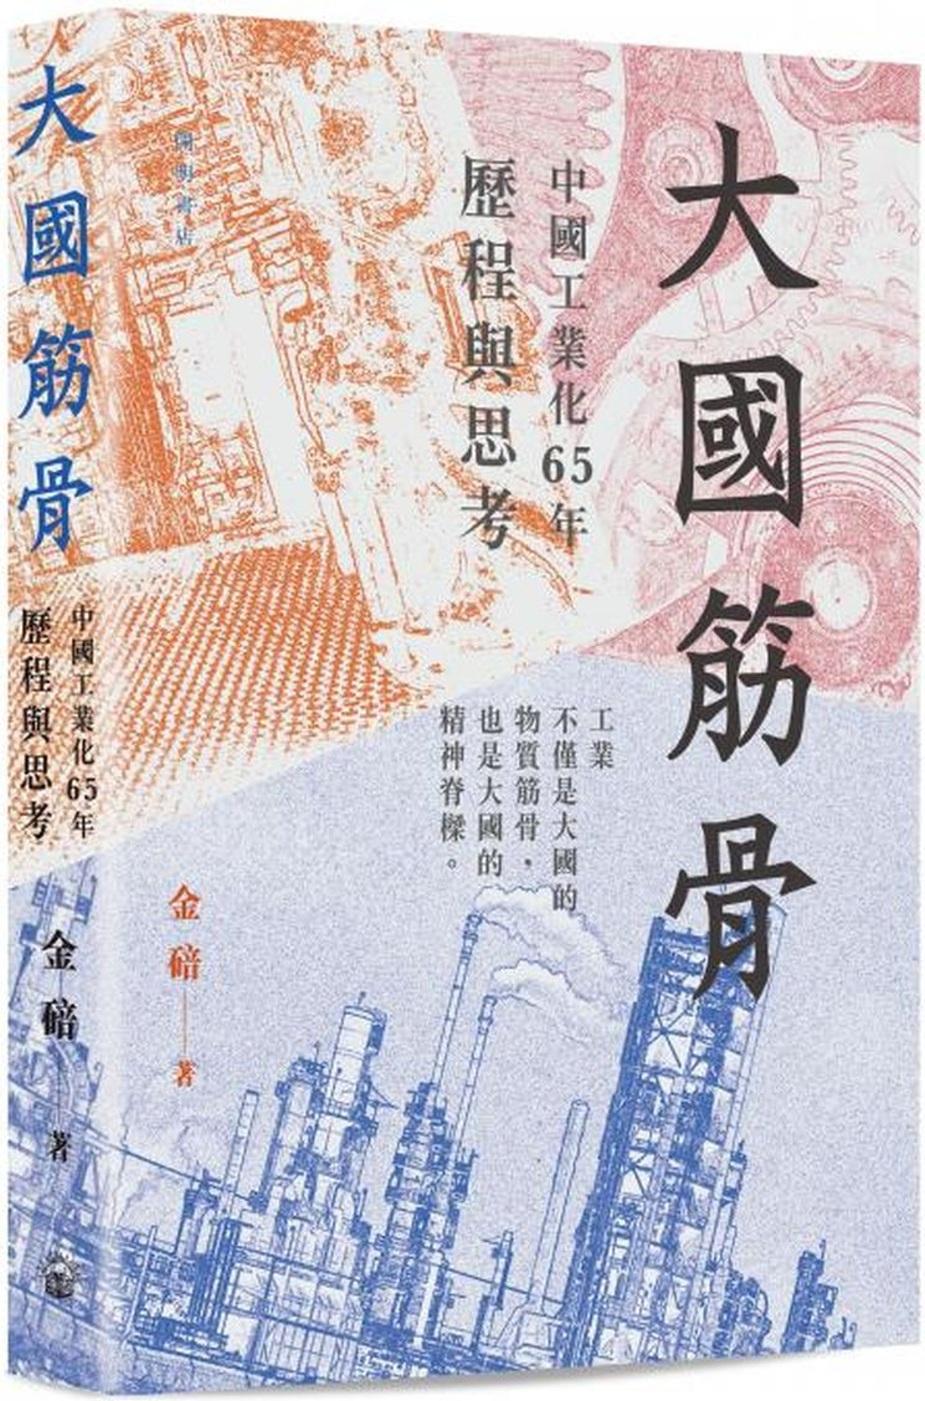 大國筋骨:中國工業化65年歷程與思考